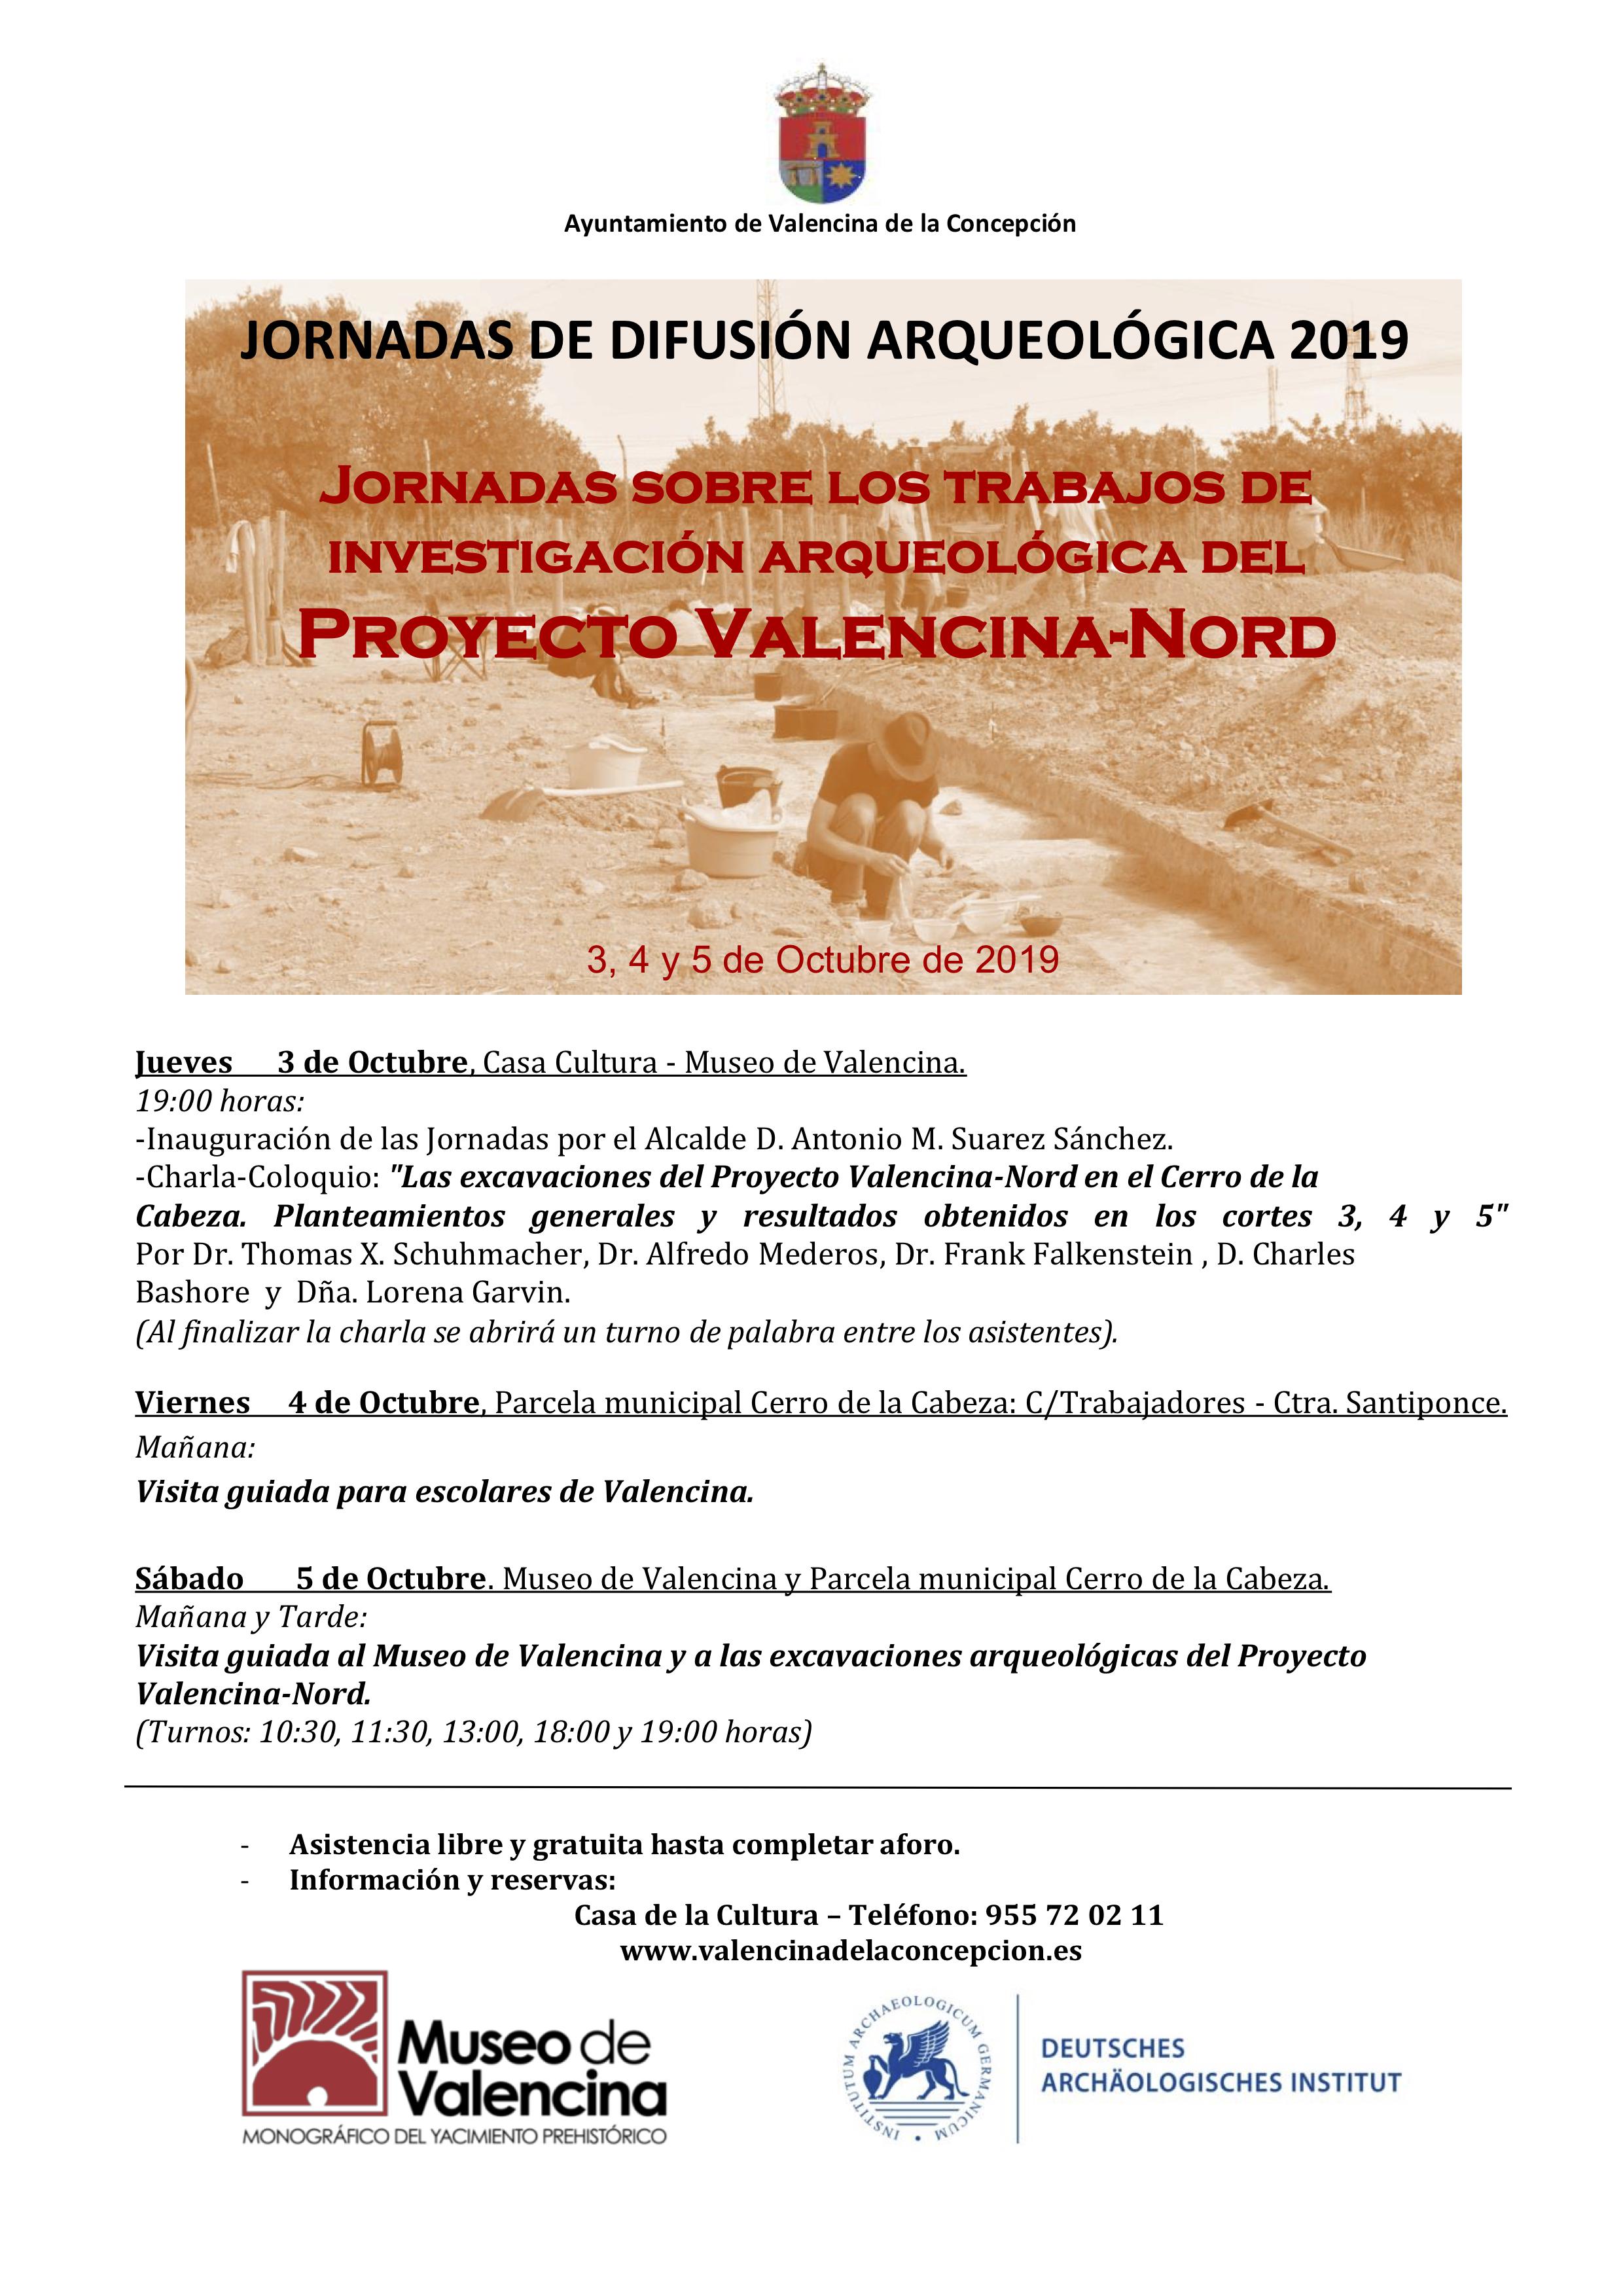 """Ayto Valencina - EL AYUNTAMIENTO DE VALENCINA CELEBRA DEL 3 AL 5 DE OCTUBRE LAS """"JORNADAS DE DIFUSIÓN ARQUEOLÓGICA 2019"""" SOBRE EL PROYECTO VALENCINA-NORD"""